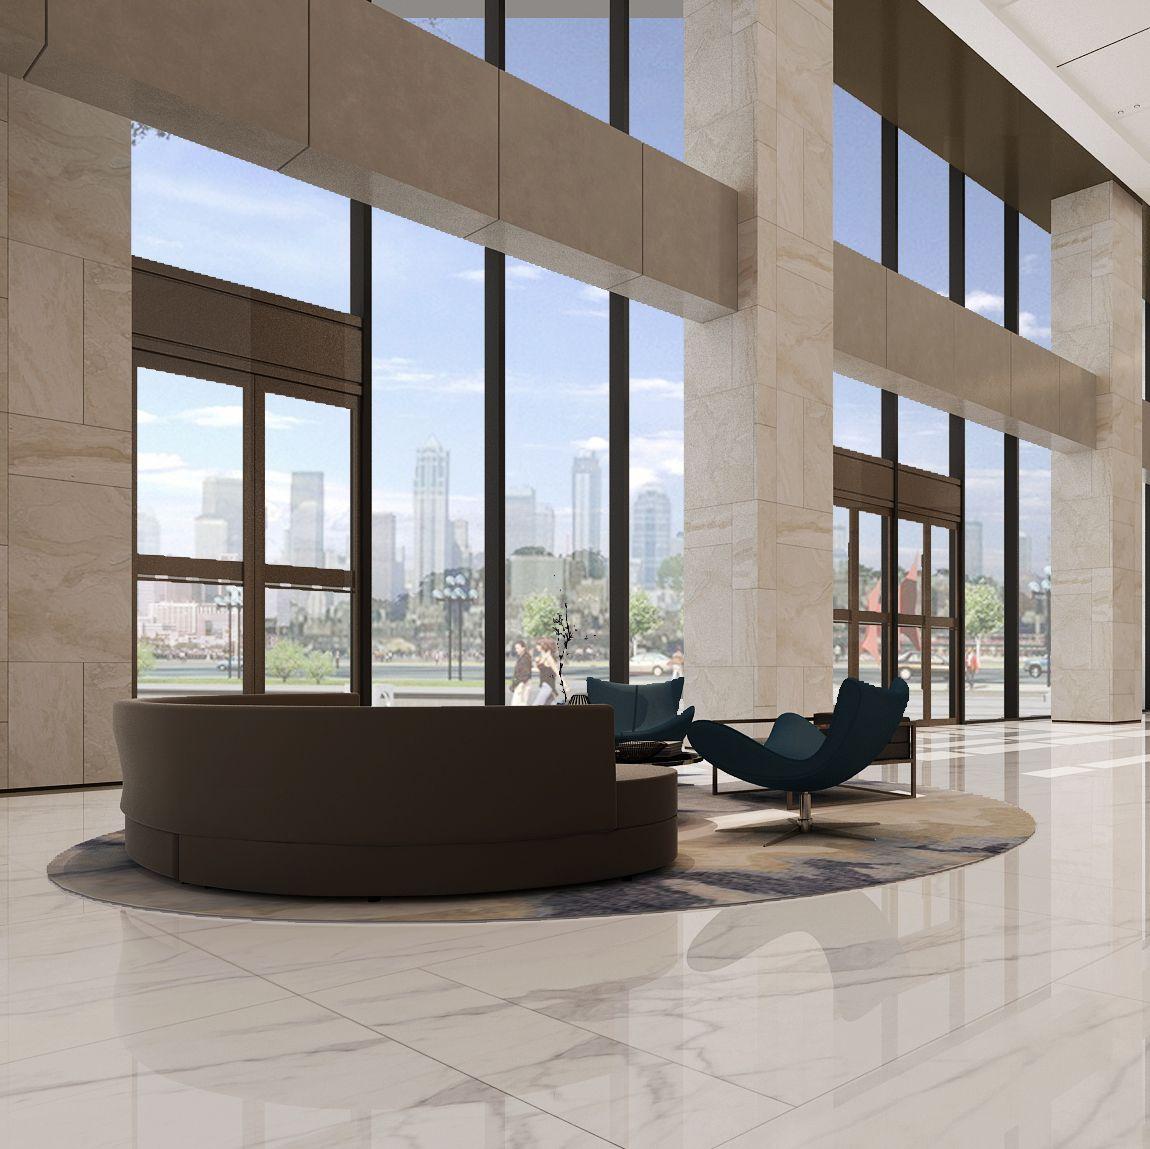 安泰国际广场2#大堂设计项目